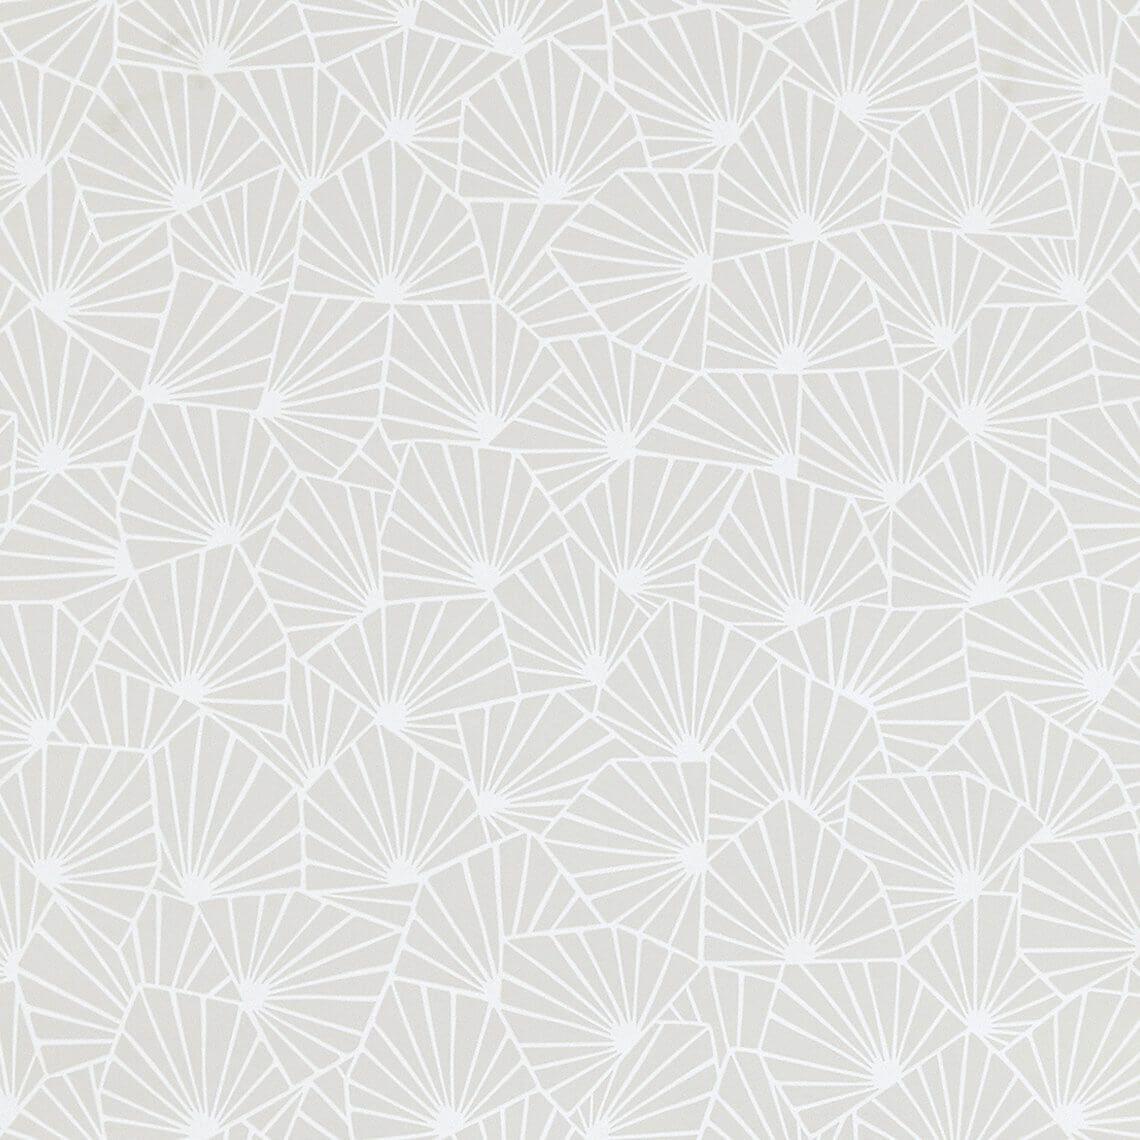 papier peint sibylle 100 intiss motif graphique mat. Black Bedroom Furniture Sets. Home Design Ideas